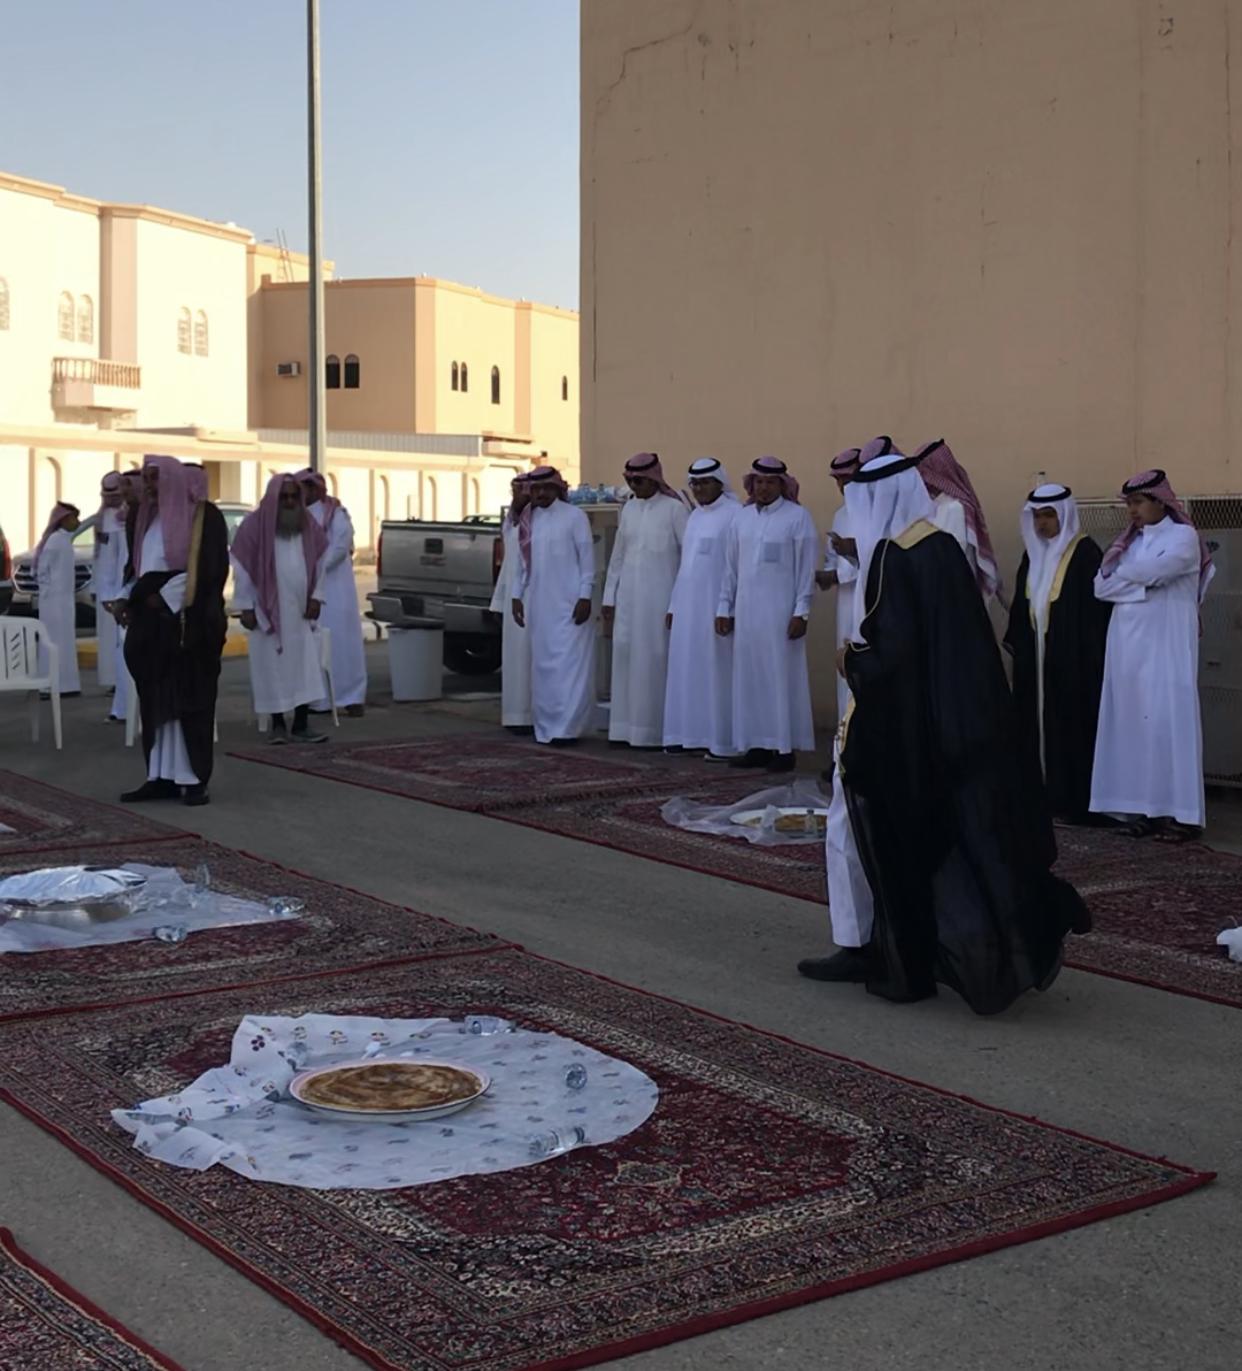 أهالي محافظة رياض الخبراء يحافظون على الإرث القديم بالإفطار بالشوارع صباح العيد أضواء الوطن